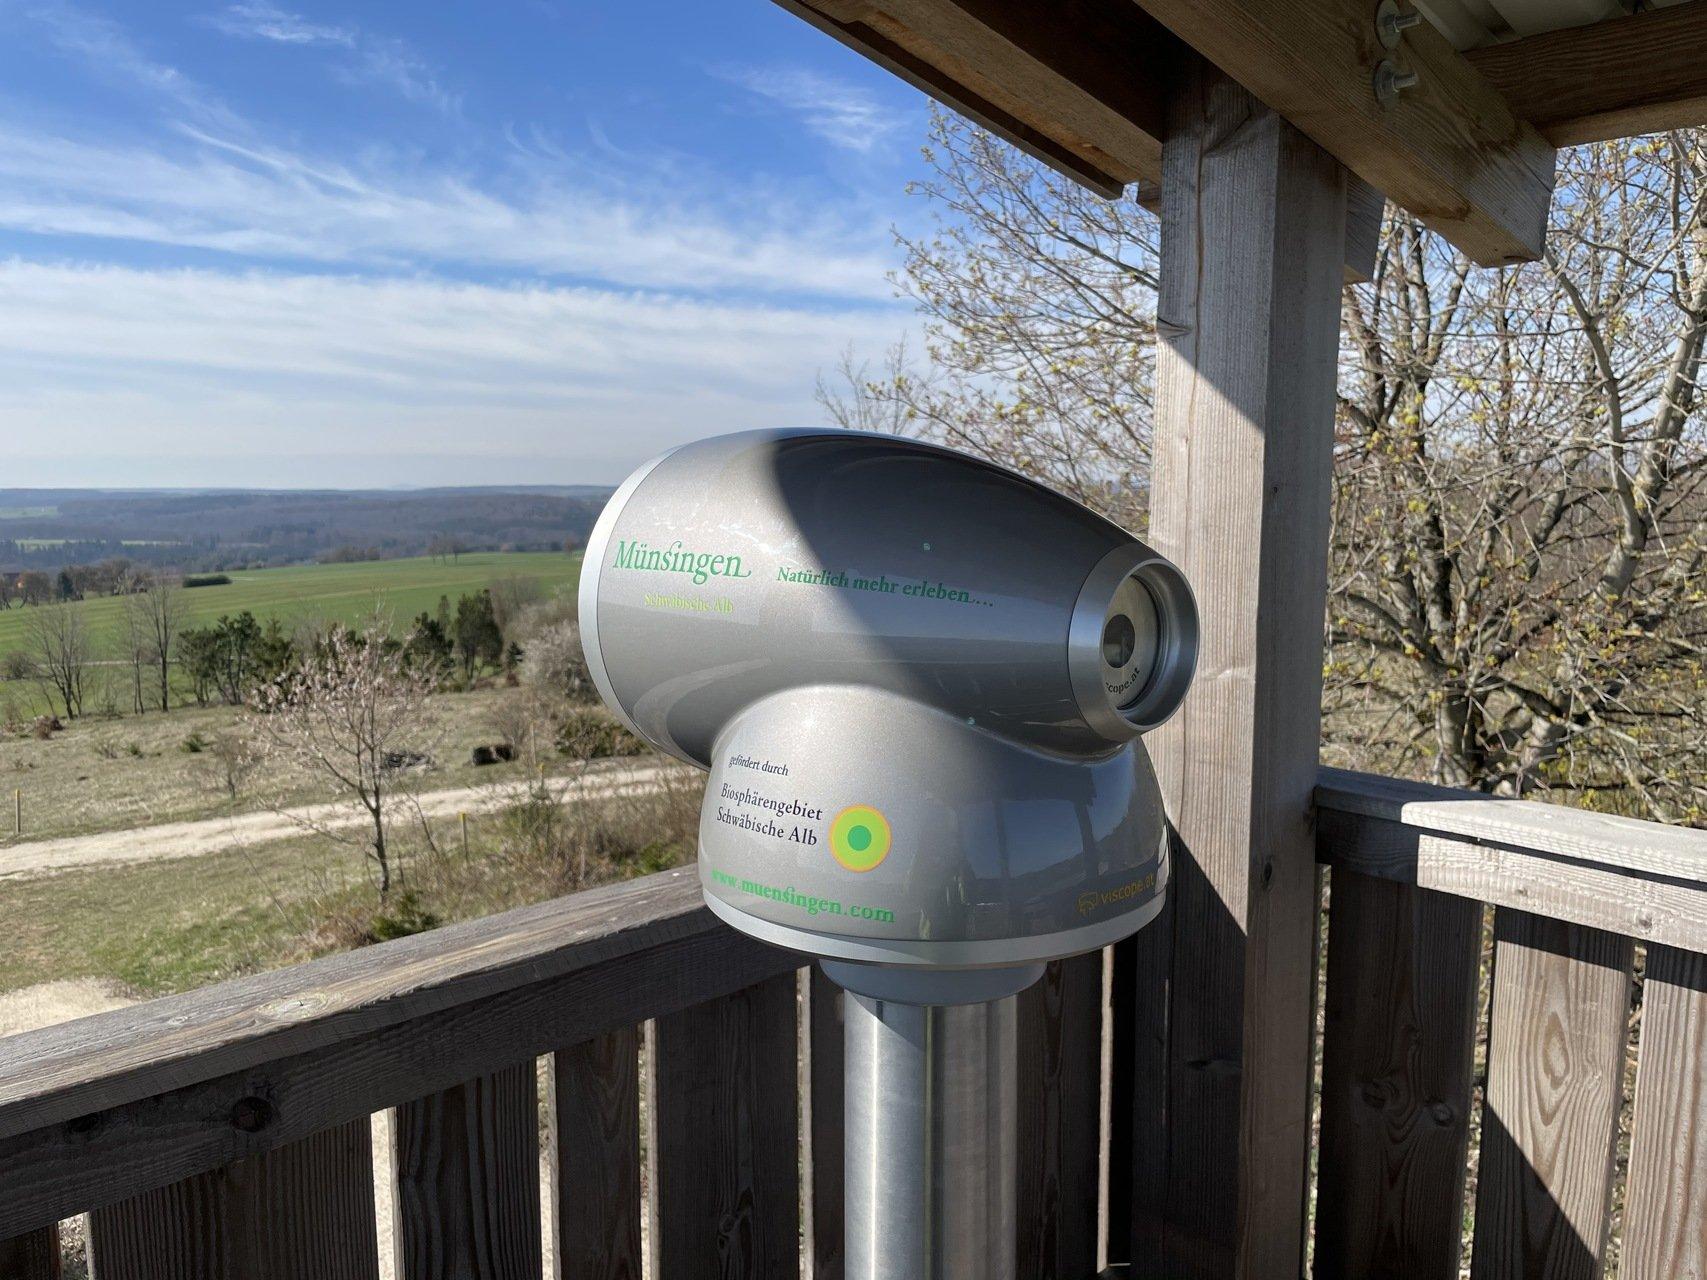 Eine Aussichtsplattform aus Holz, darauf steht ein Viscope mit grüner Aufschrift Münsingen Natürlich mehr erleben, mit Blick in die Ferne